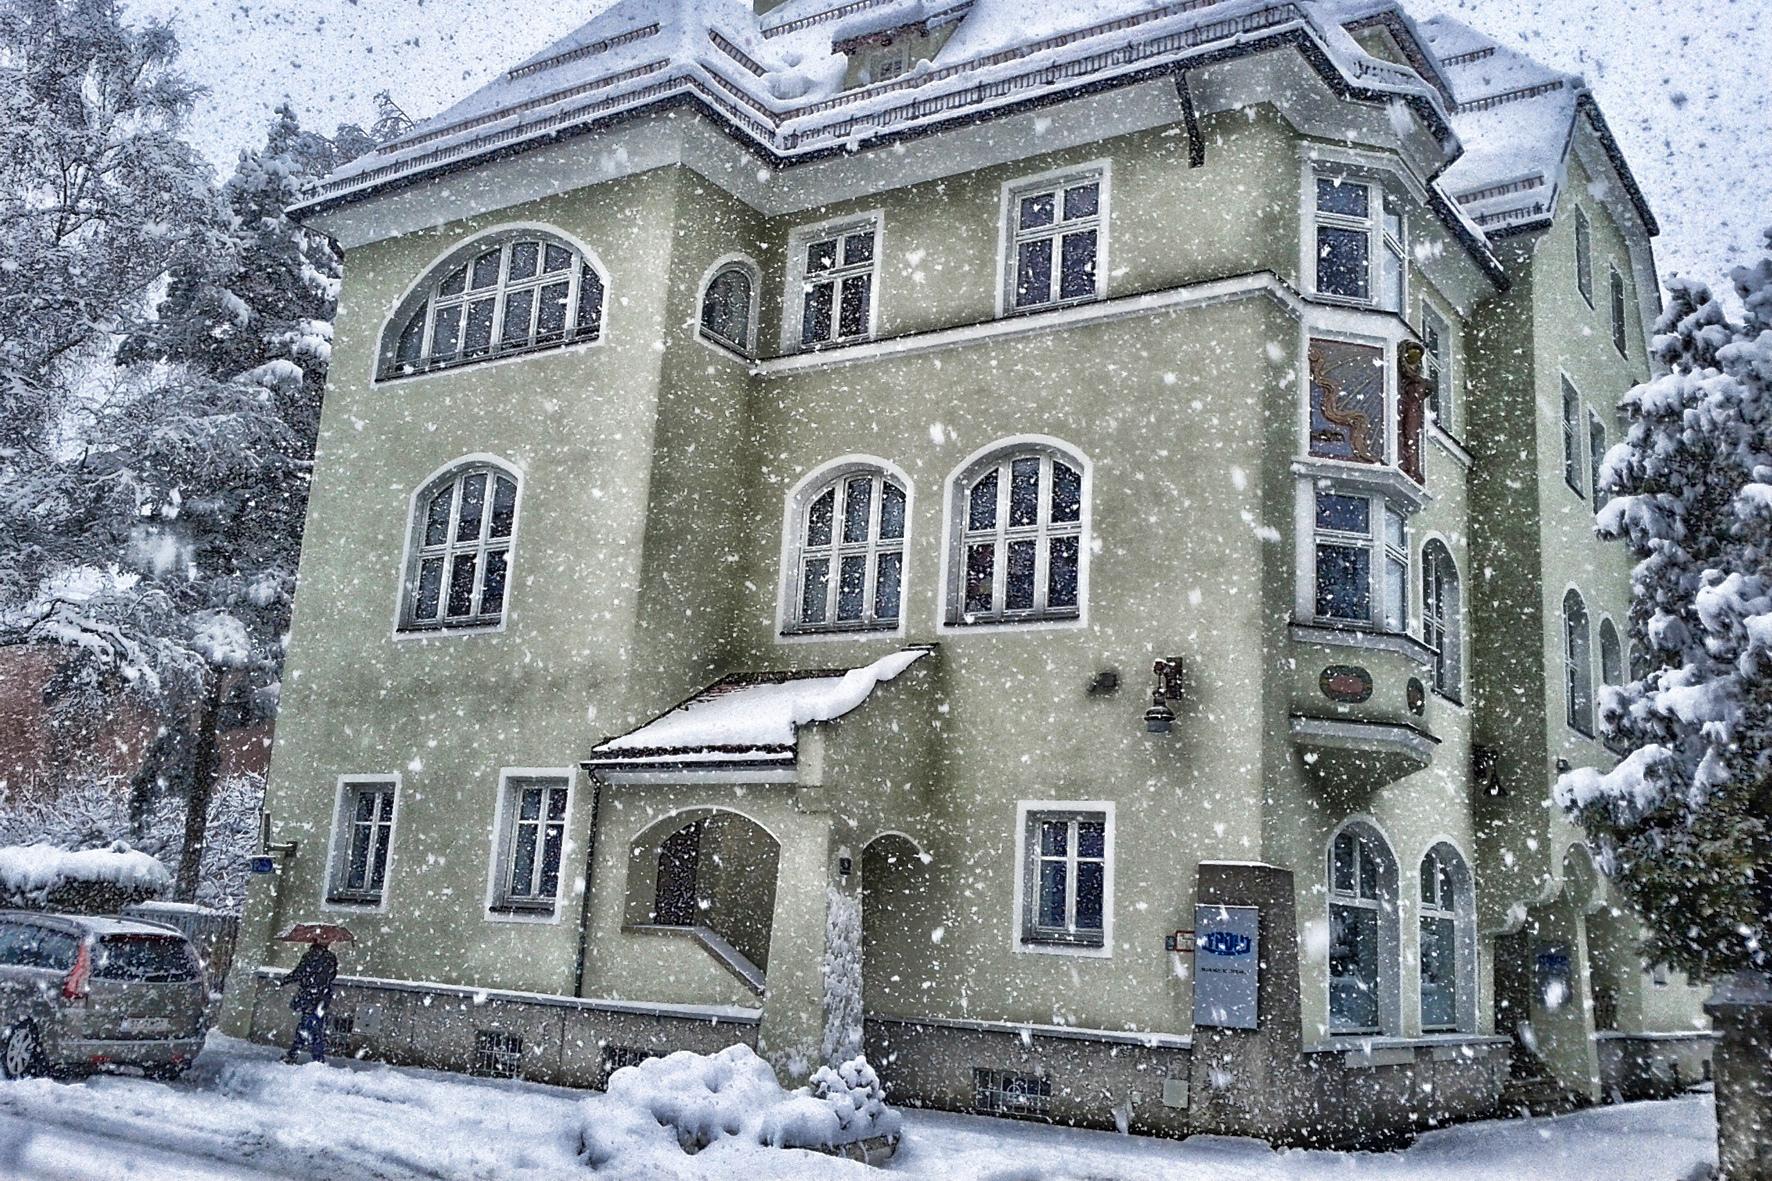 mid Düsseldorf - Wenn im Winter der Schnee leise rieselt, müssen Hausbesitzer und Mieter die Schaufel in die Hand nehmen und den Gehweg räumen.